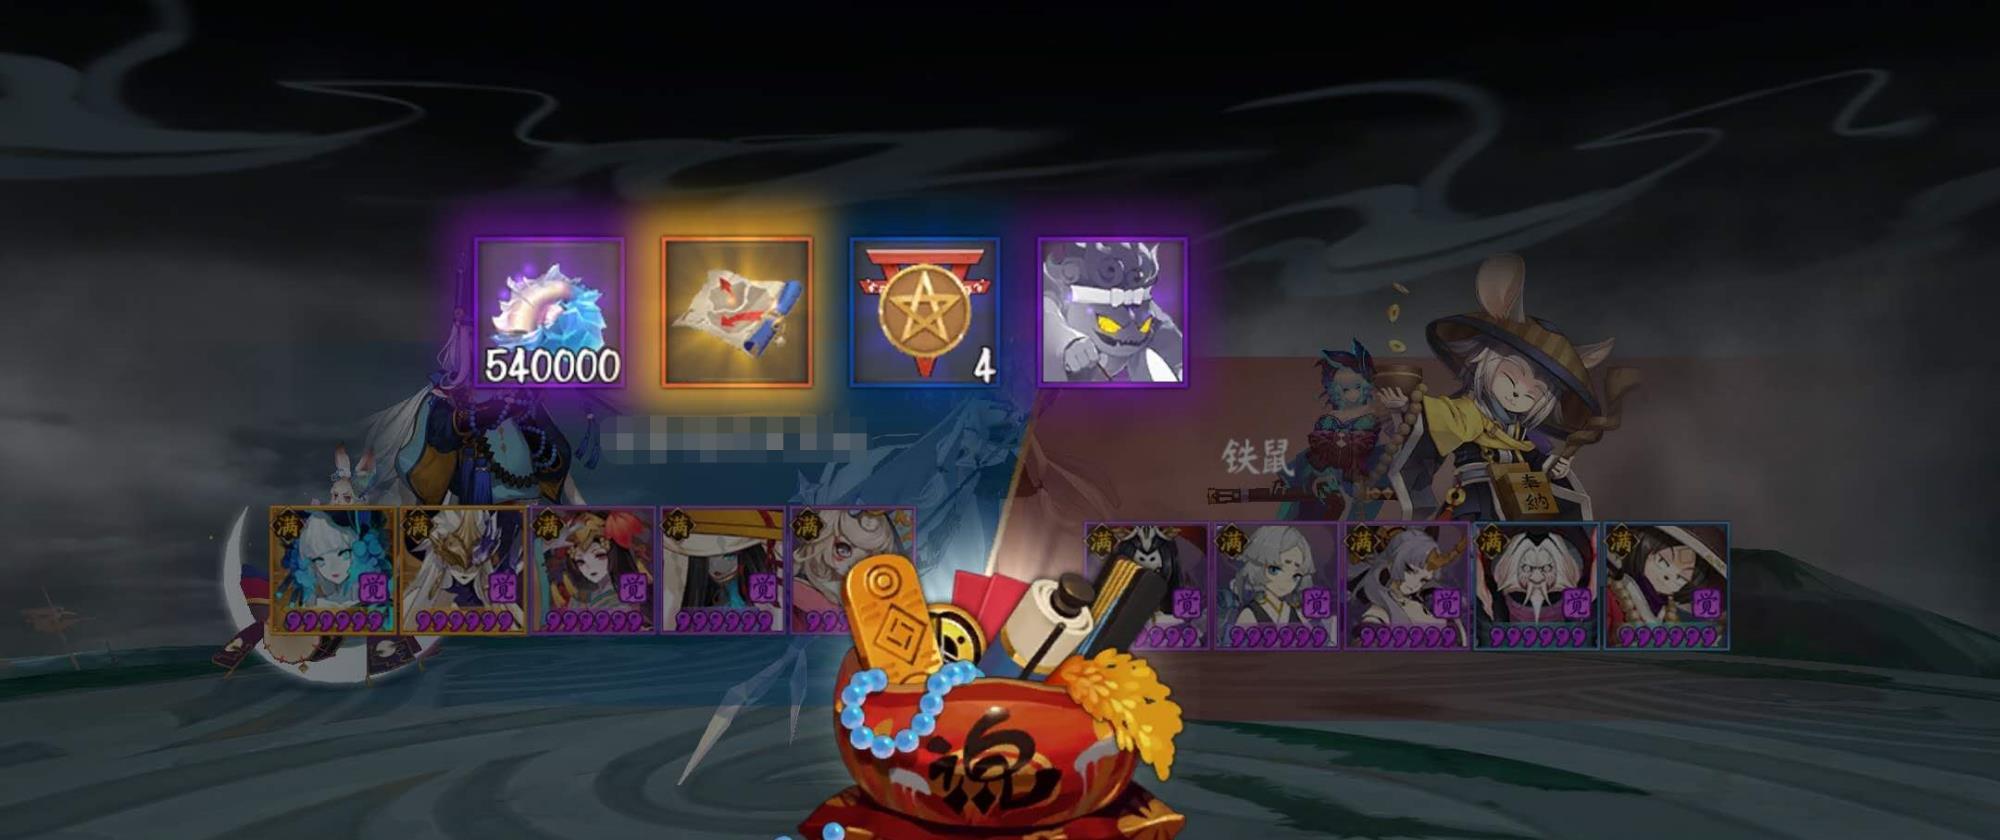 小小忍者物品绑定_阴阳师:铁鼠对弈竞猜,输了可以赖账,但次数多了会禁止参与活动-第1张图片-游戏摸鱼怪